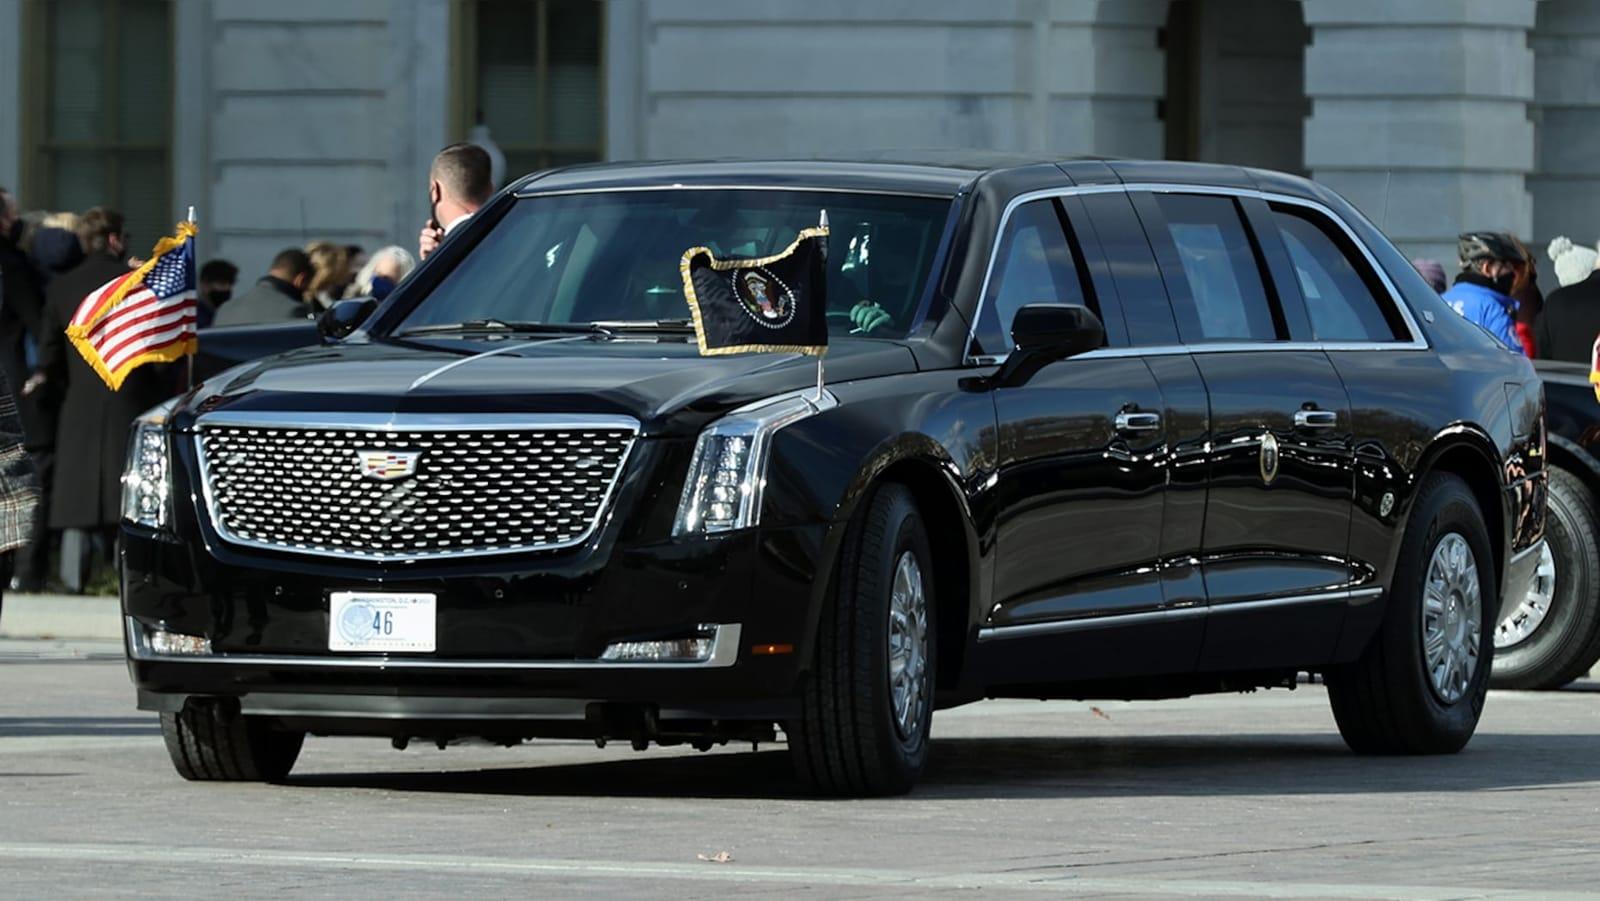 جو بایدن میخواهد خودروی مخصوص رئیس جمهور آمریکا را برقیسازی کند